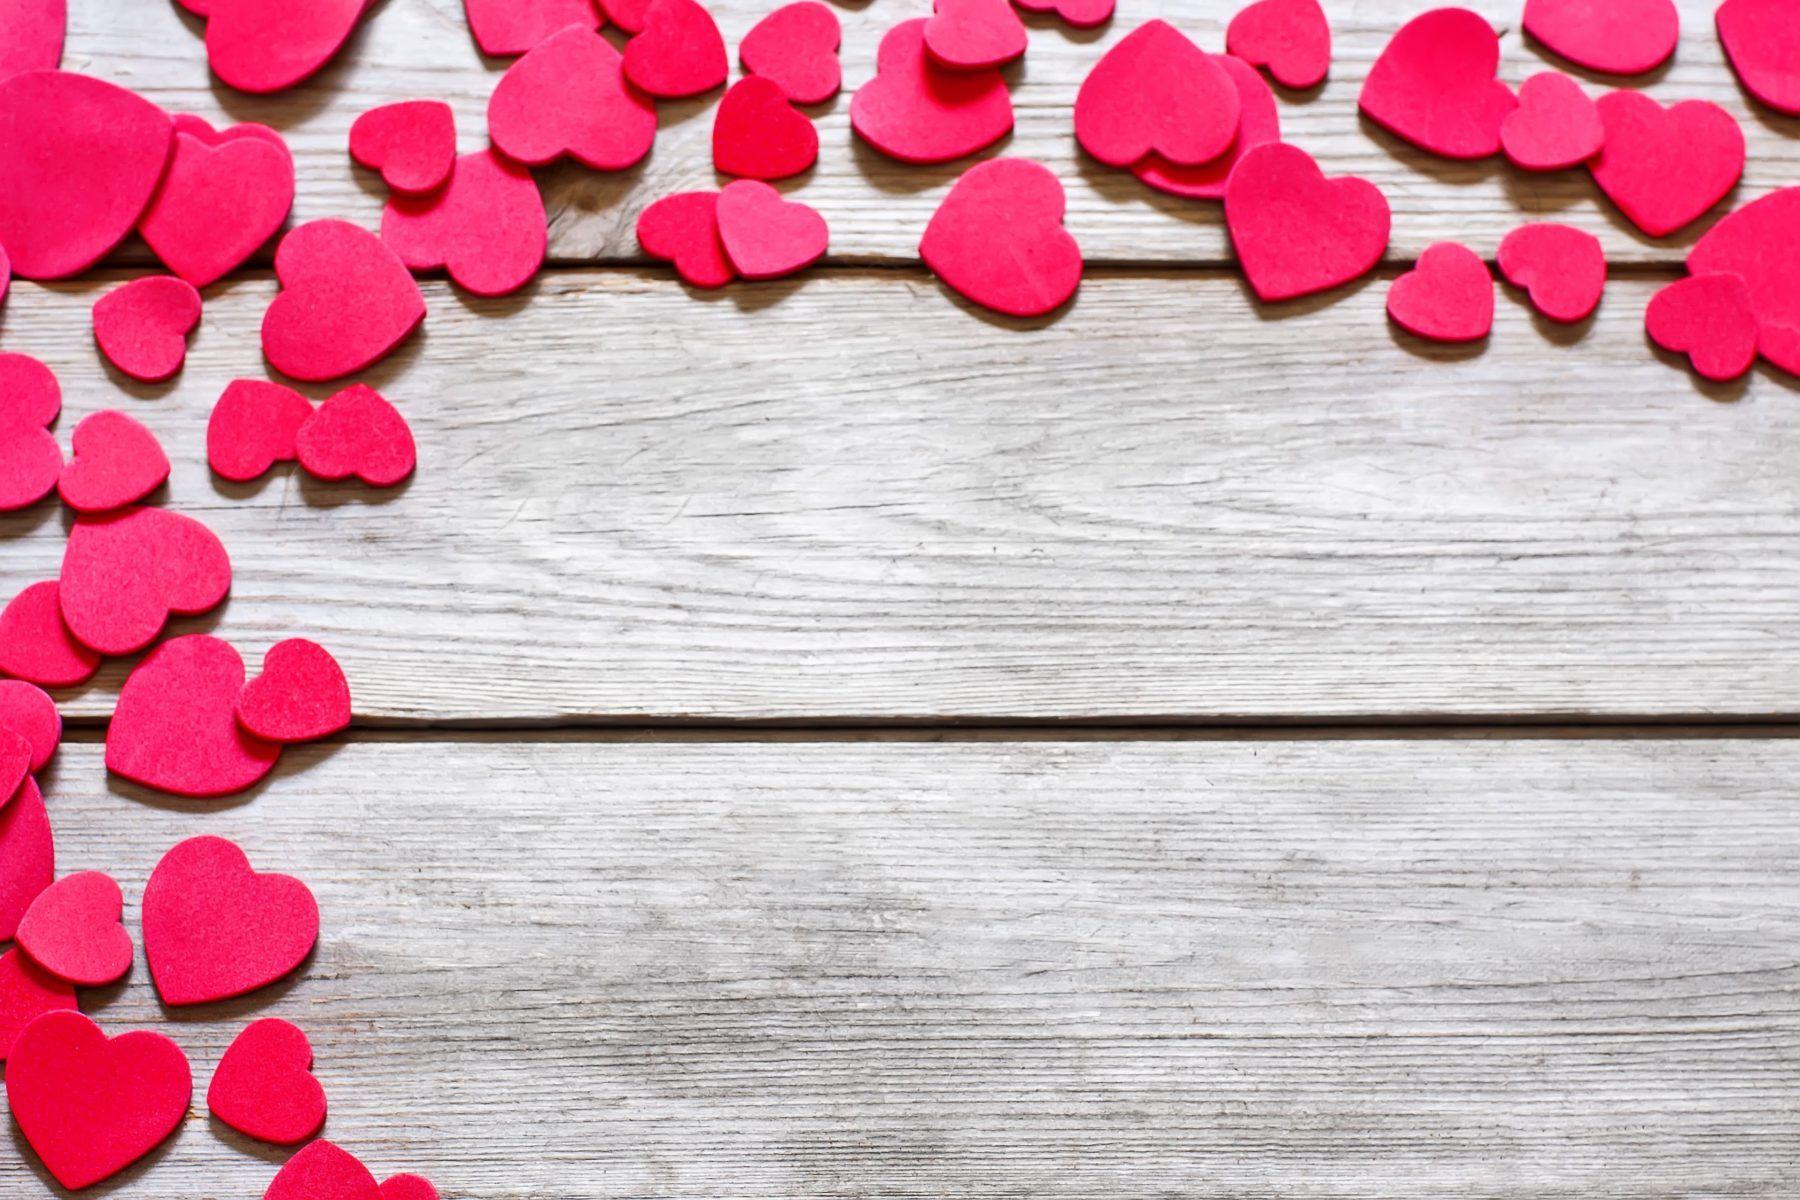 Love Backgrounds Https Wallpapersko Com Love Backgrounds Html Backgrounds Hd Wallpapers Down Love Pink Wallpaper Love Wallpaper Backgrounds Love Wallpaper